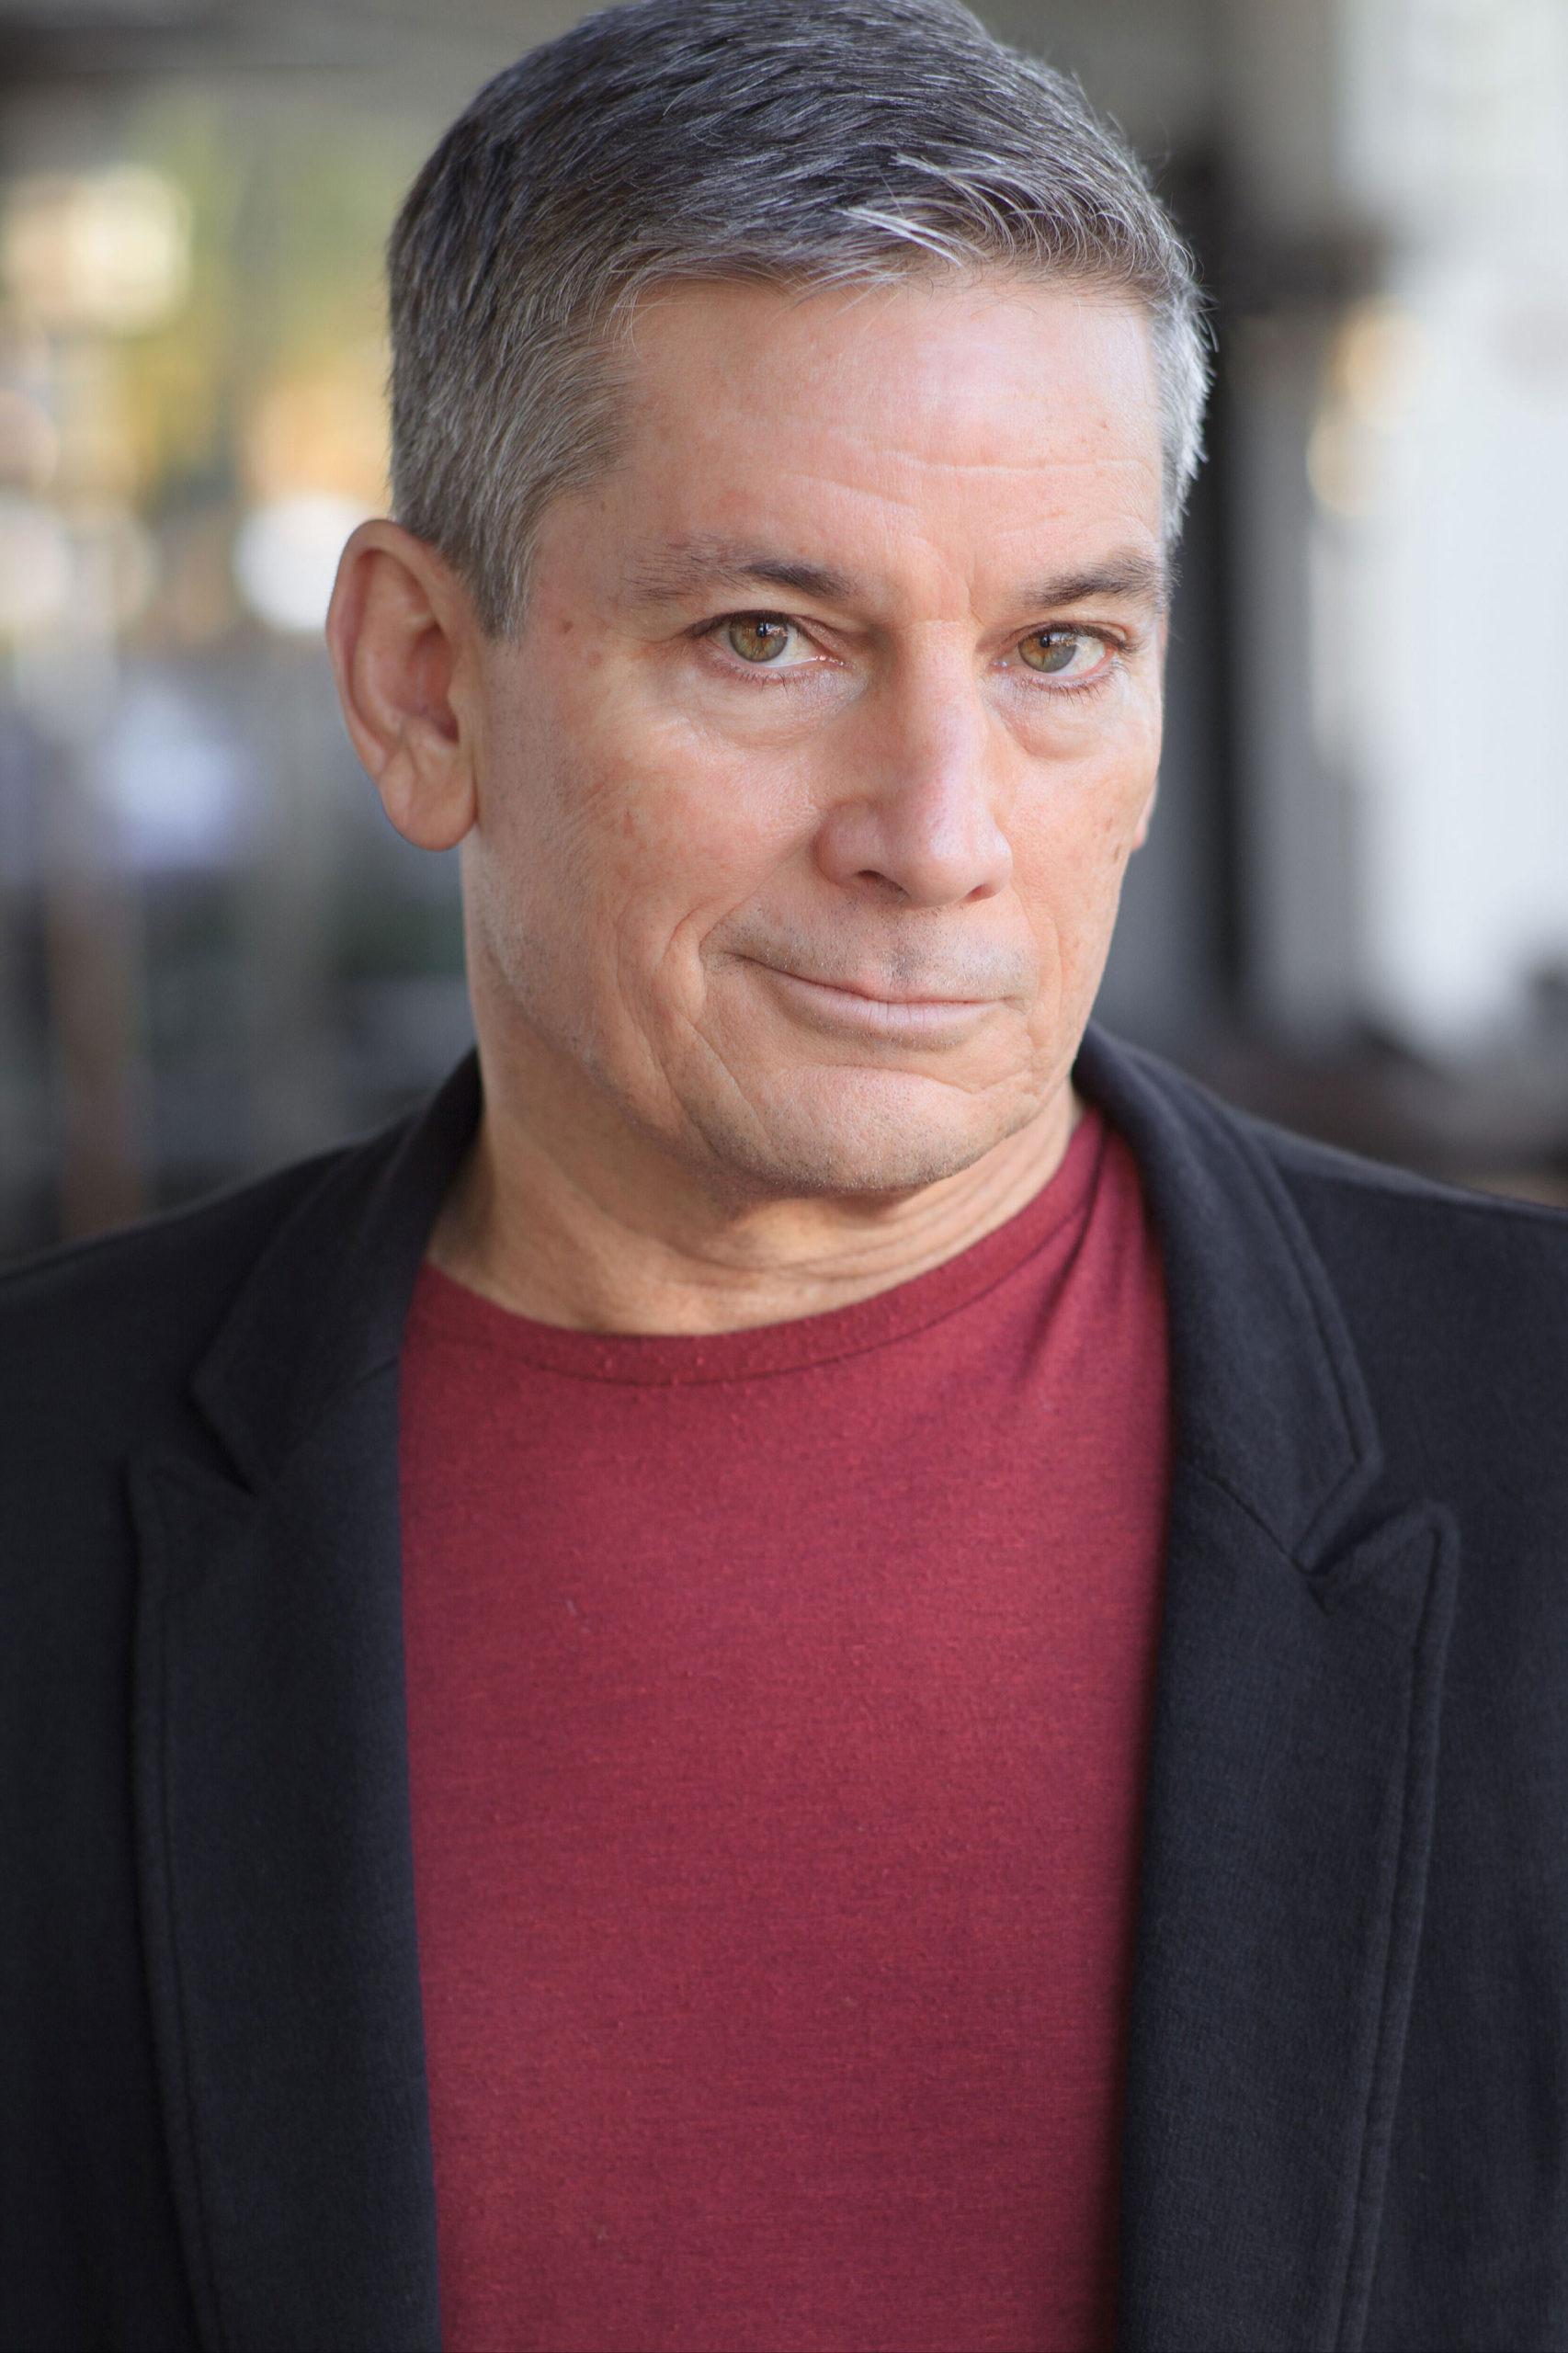 Actor & Comedian Ward Smith